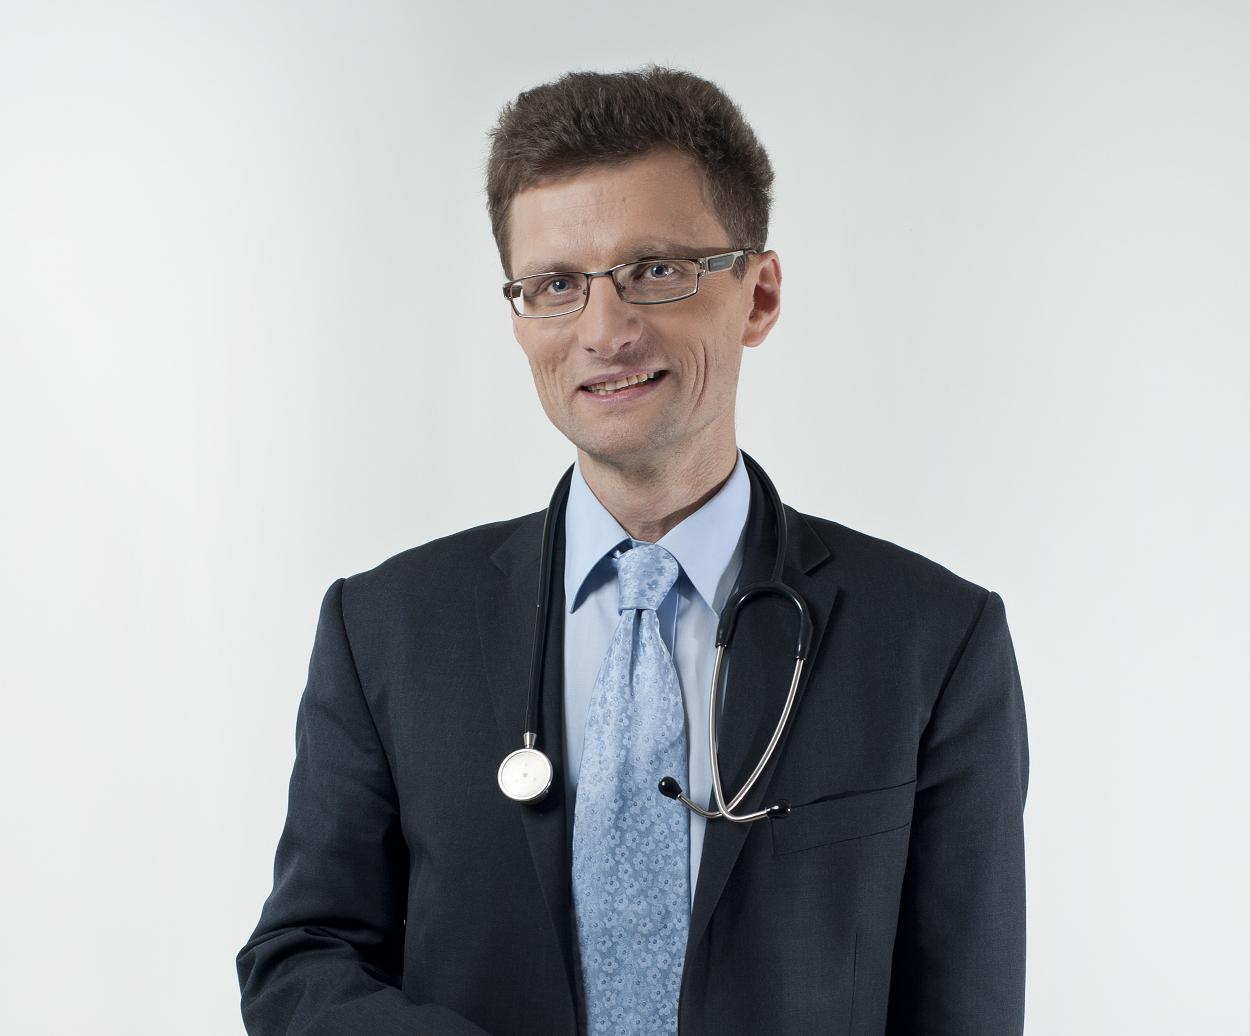 prof. dr hab. n. med. PIOTR SOCHA